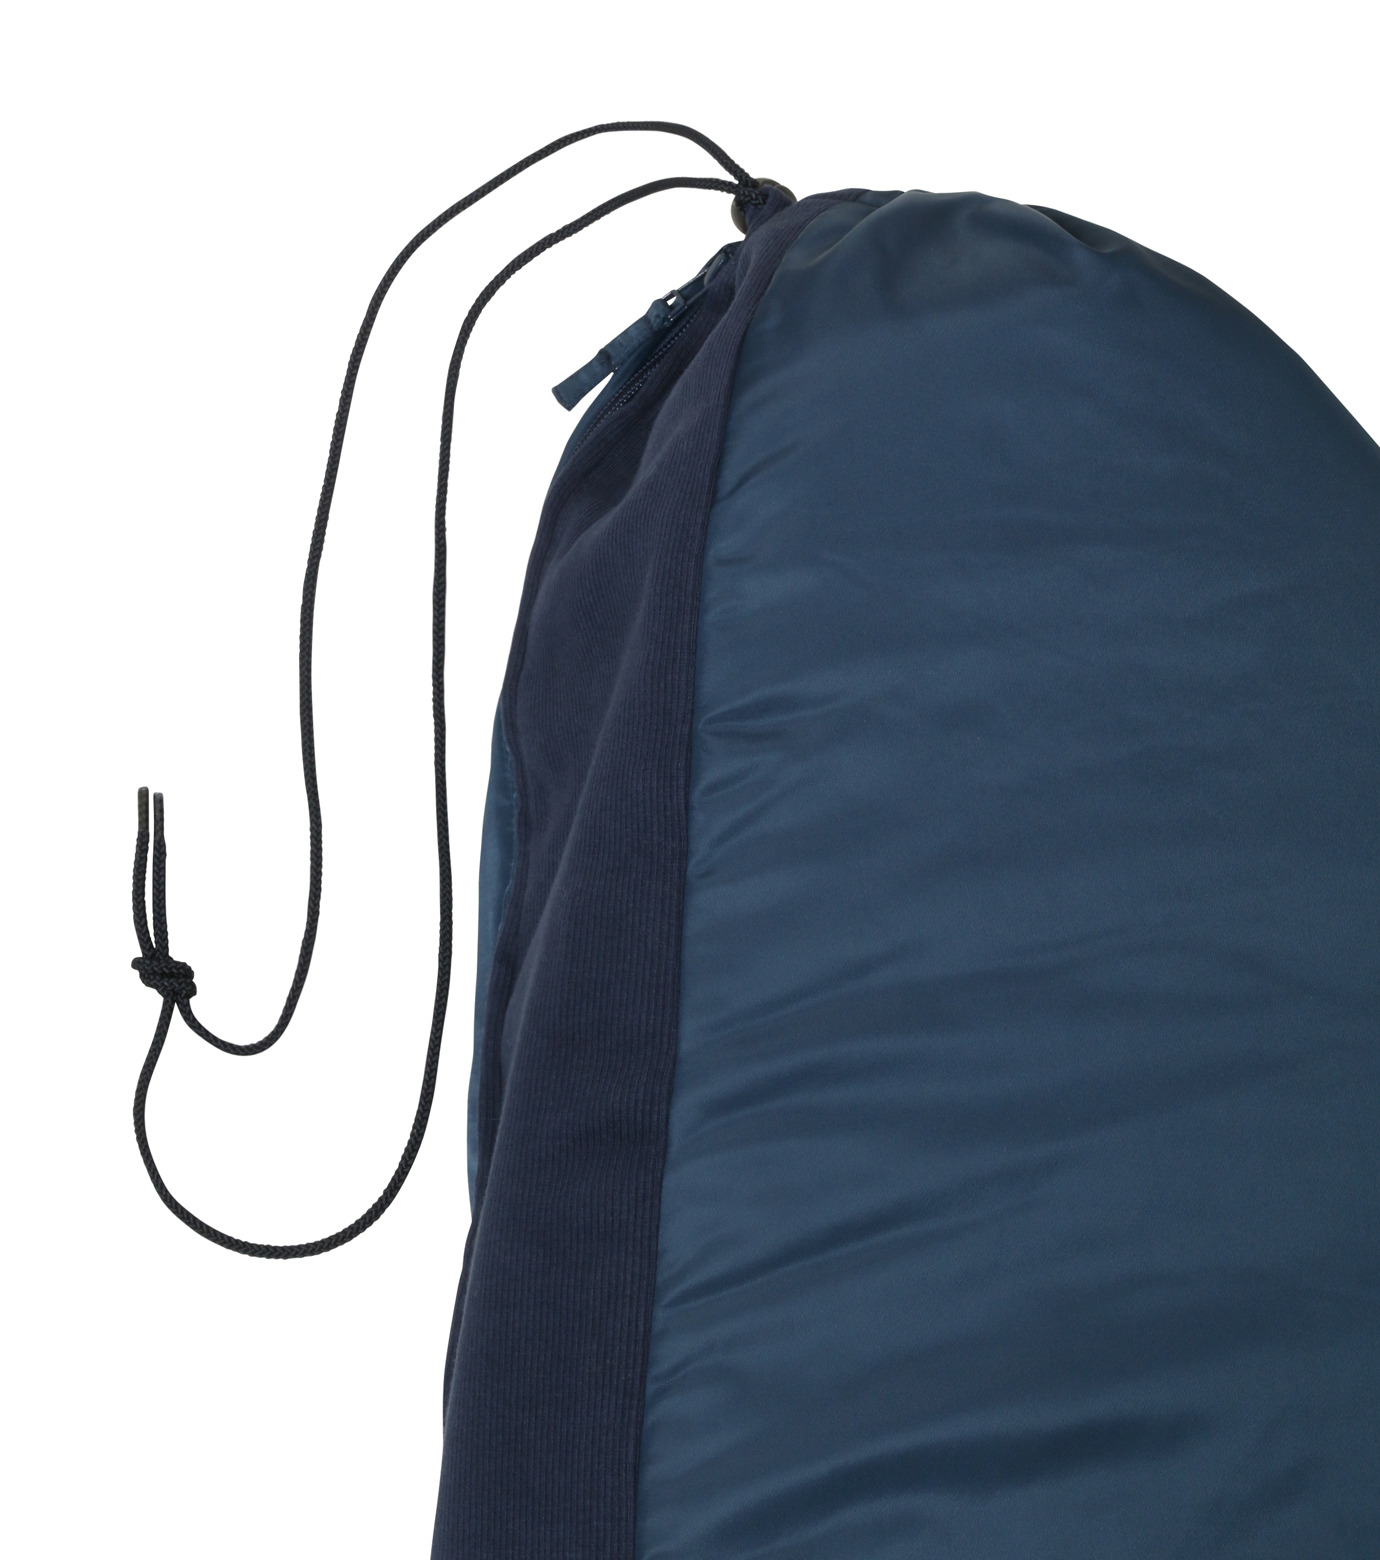 HEY YOU !(ヘイユウ)のSurfboard Jacket Short (S size)-NAVY(サーフ/OUTDOOR/surf/OUTDOOR)-18S90009-93 拡大詳細画像4